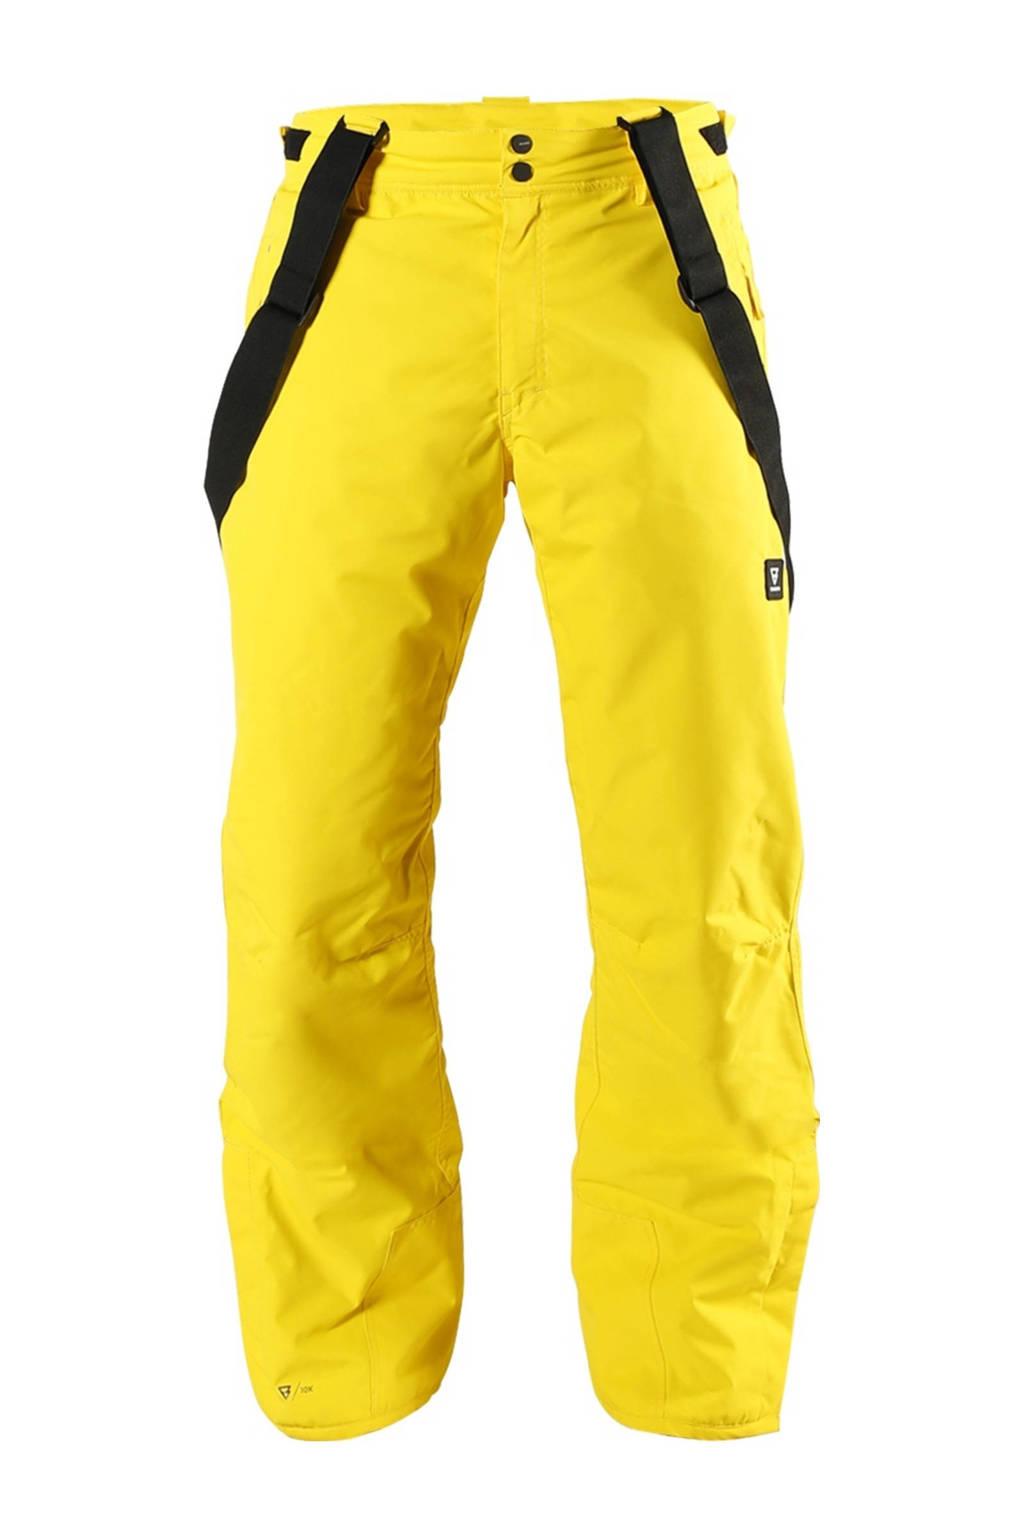 Brunotti skibroek Jiro-S geel, Geel